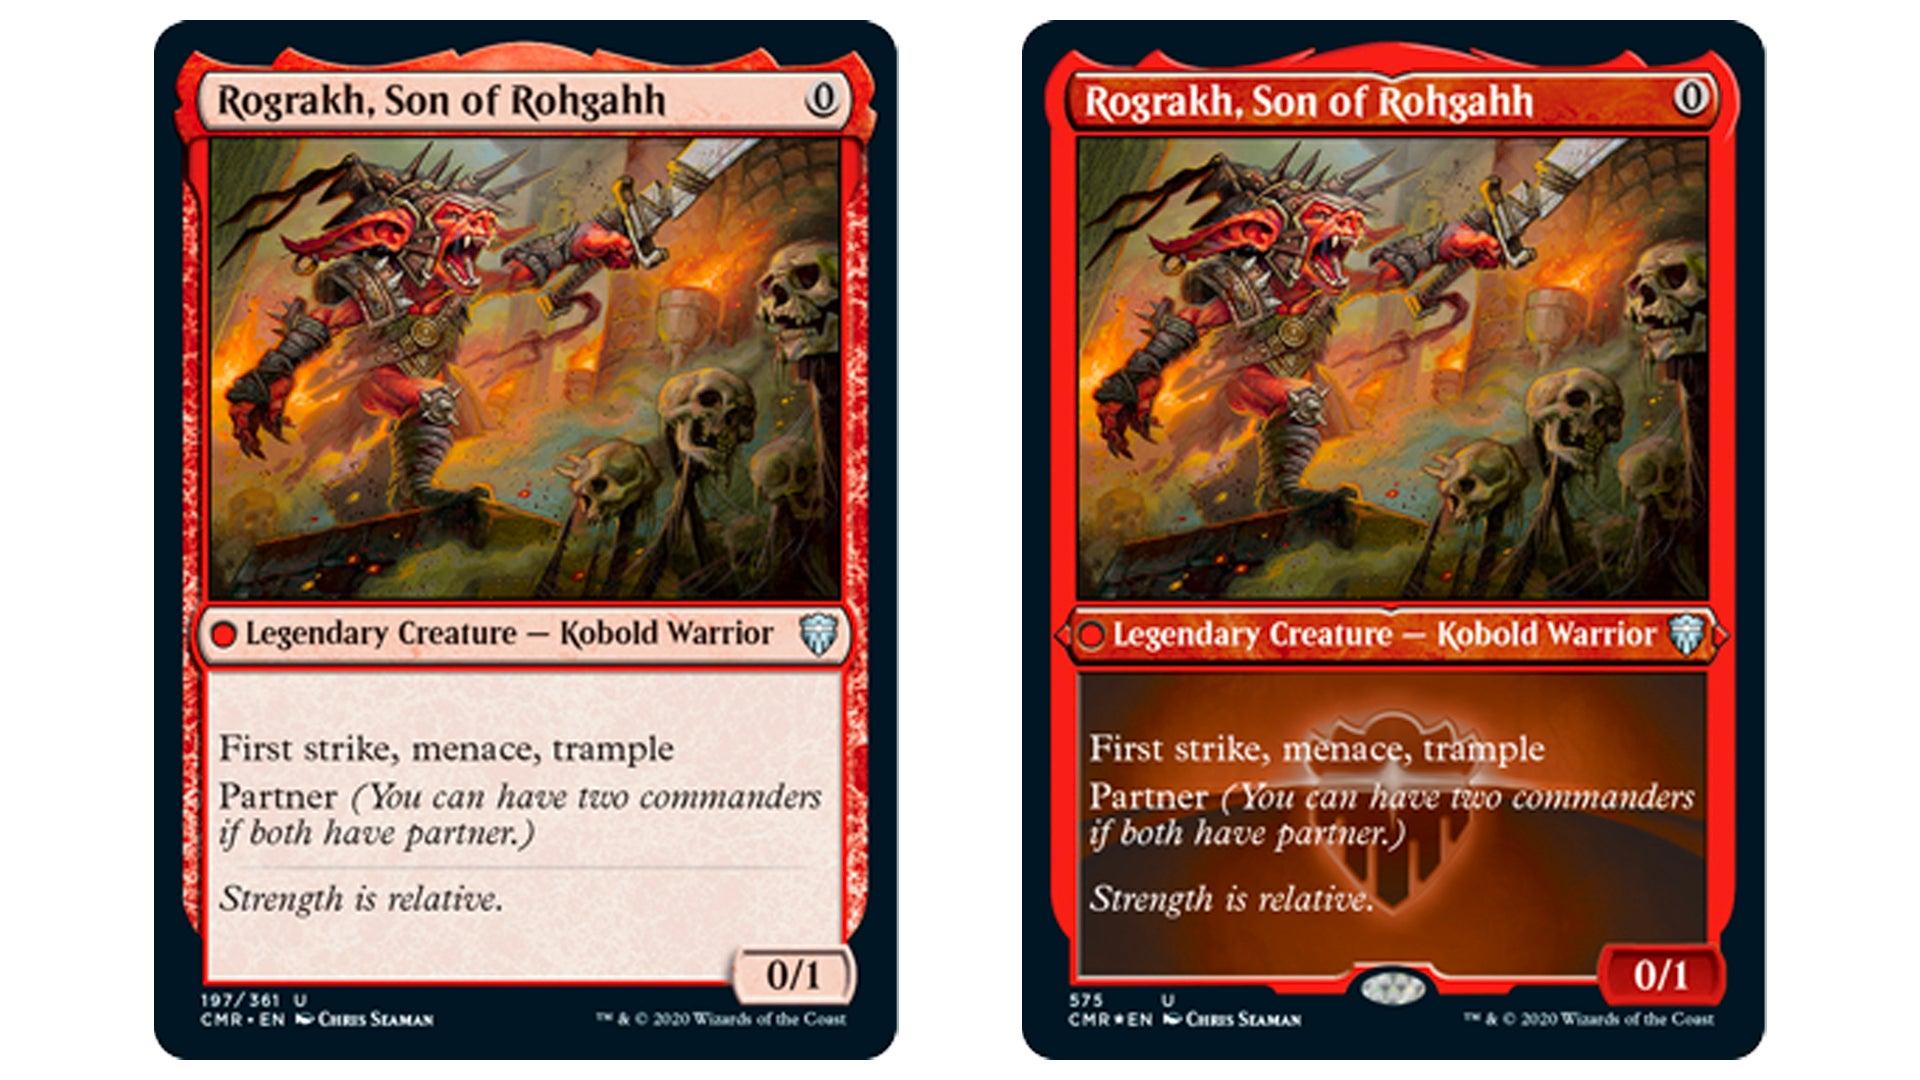 mtg-commander-legends-rograkh-son-of-rohgahh.jpg